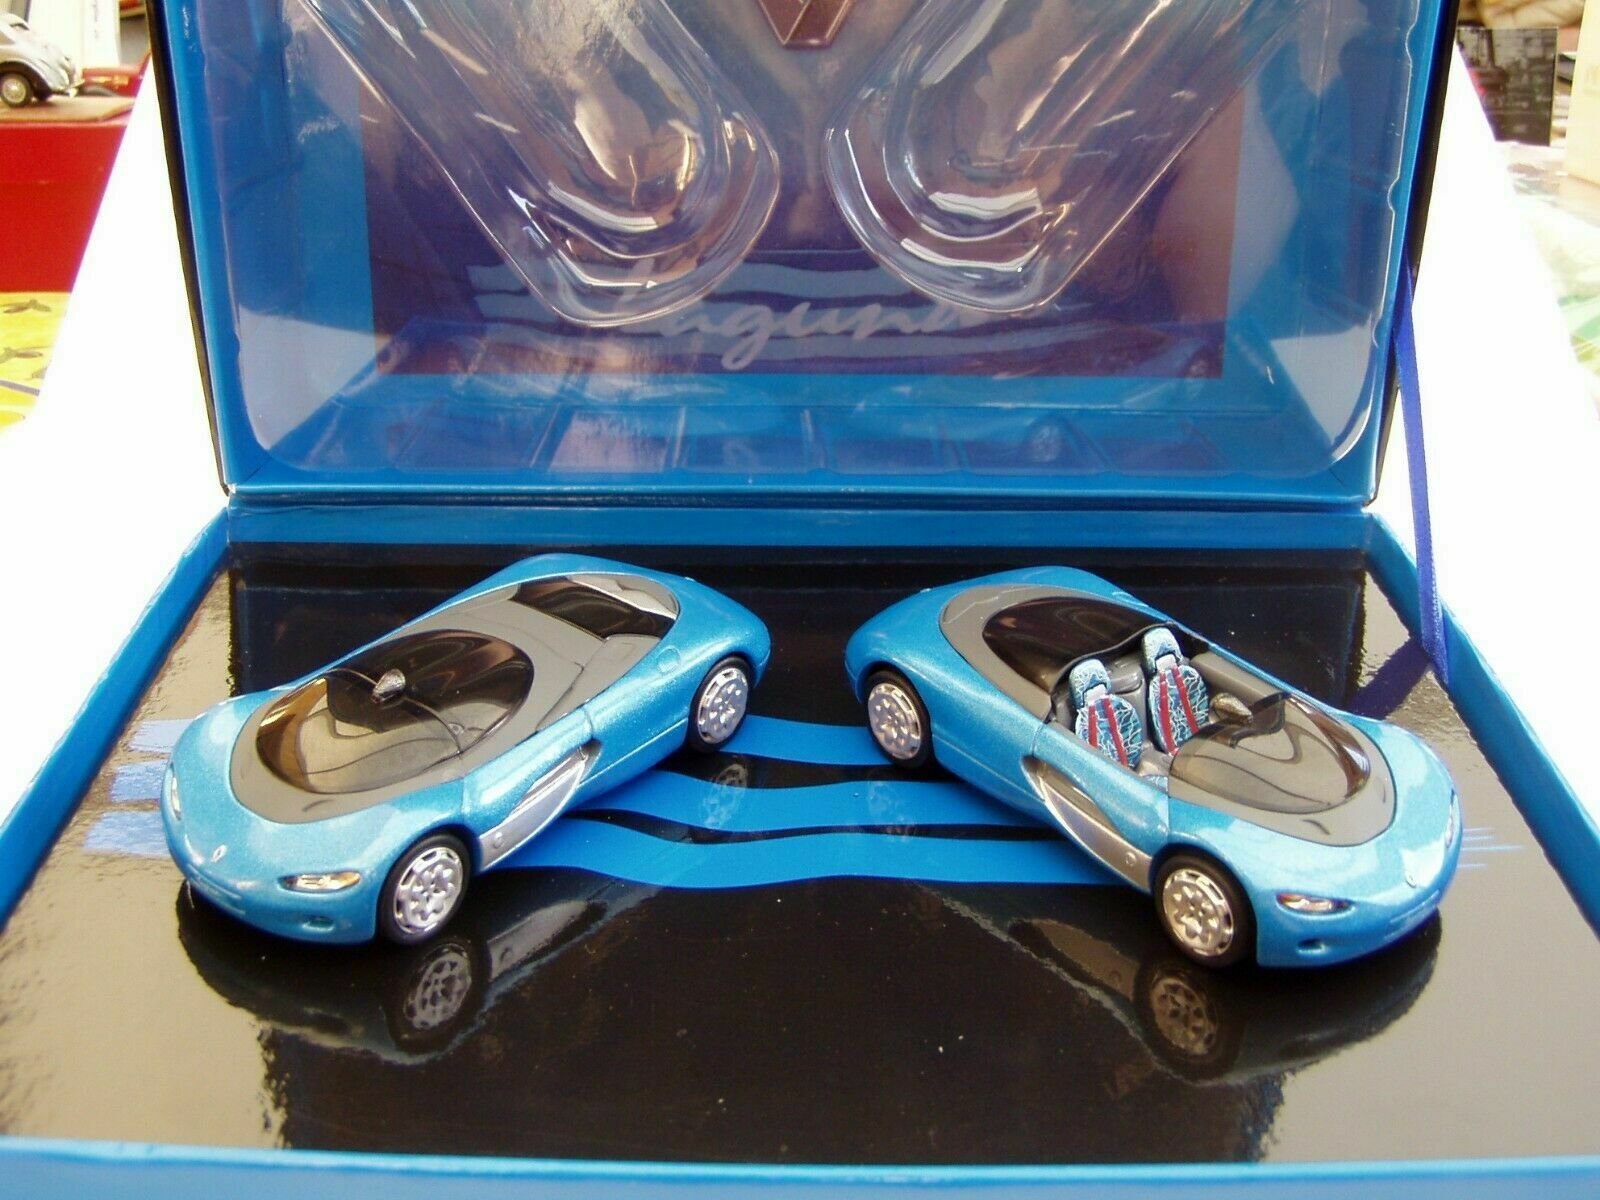 COFFRET RENAULT LAGUNA CONCEPT CAR Blau CIEL NOREV 7711230369 1 43 DIE CAST